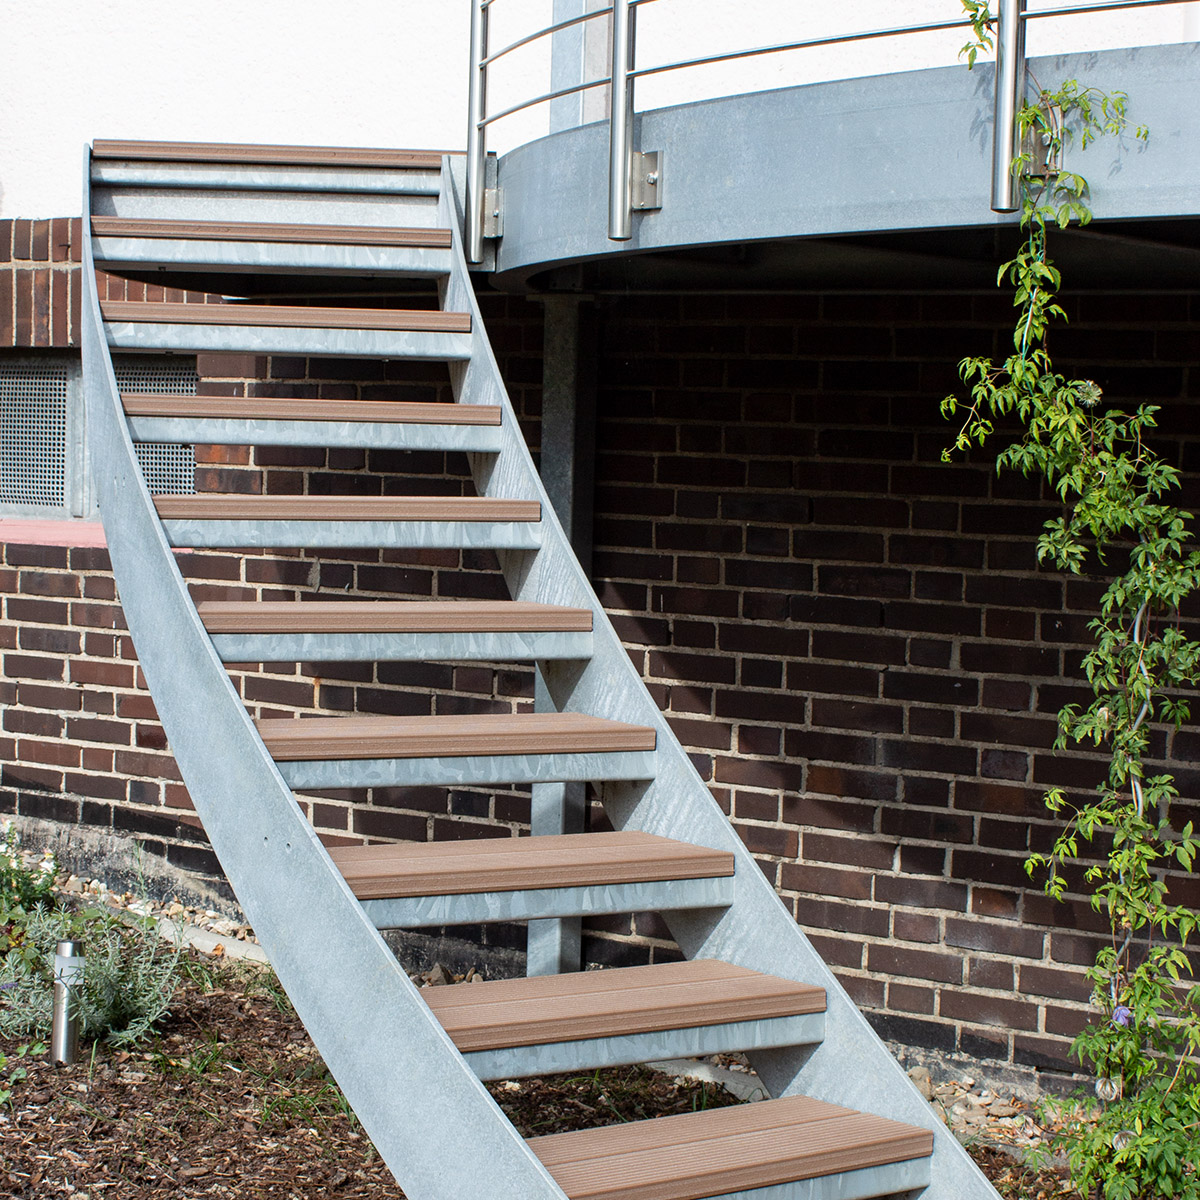 KS-Stahltechnik Referenz Balkon Treppe